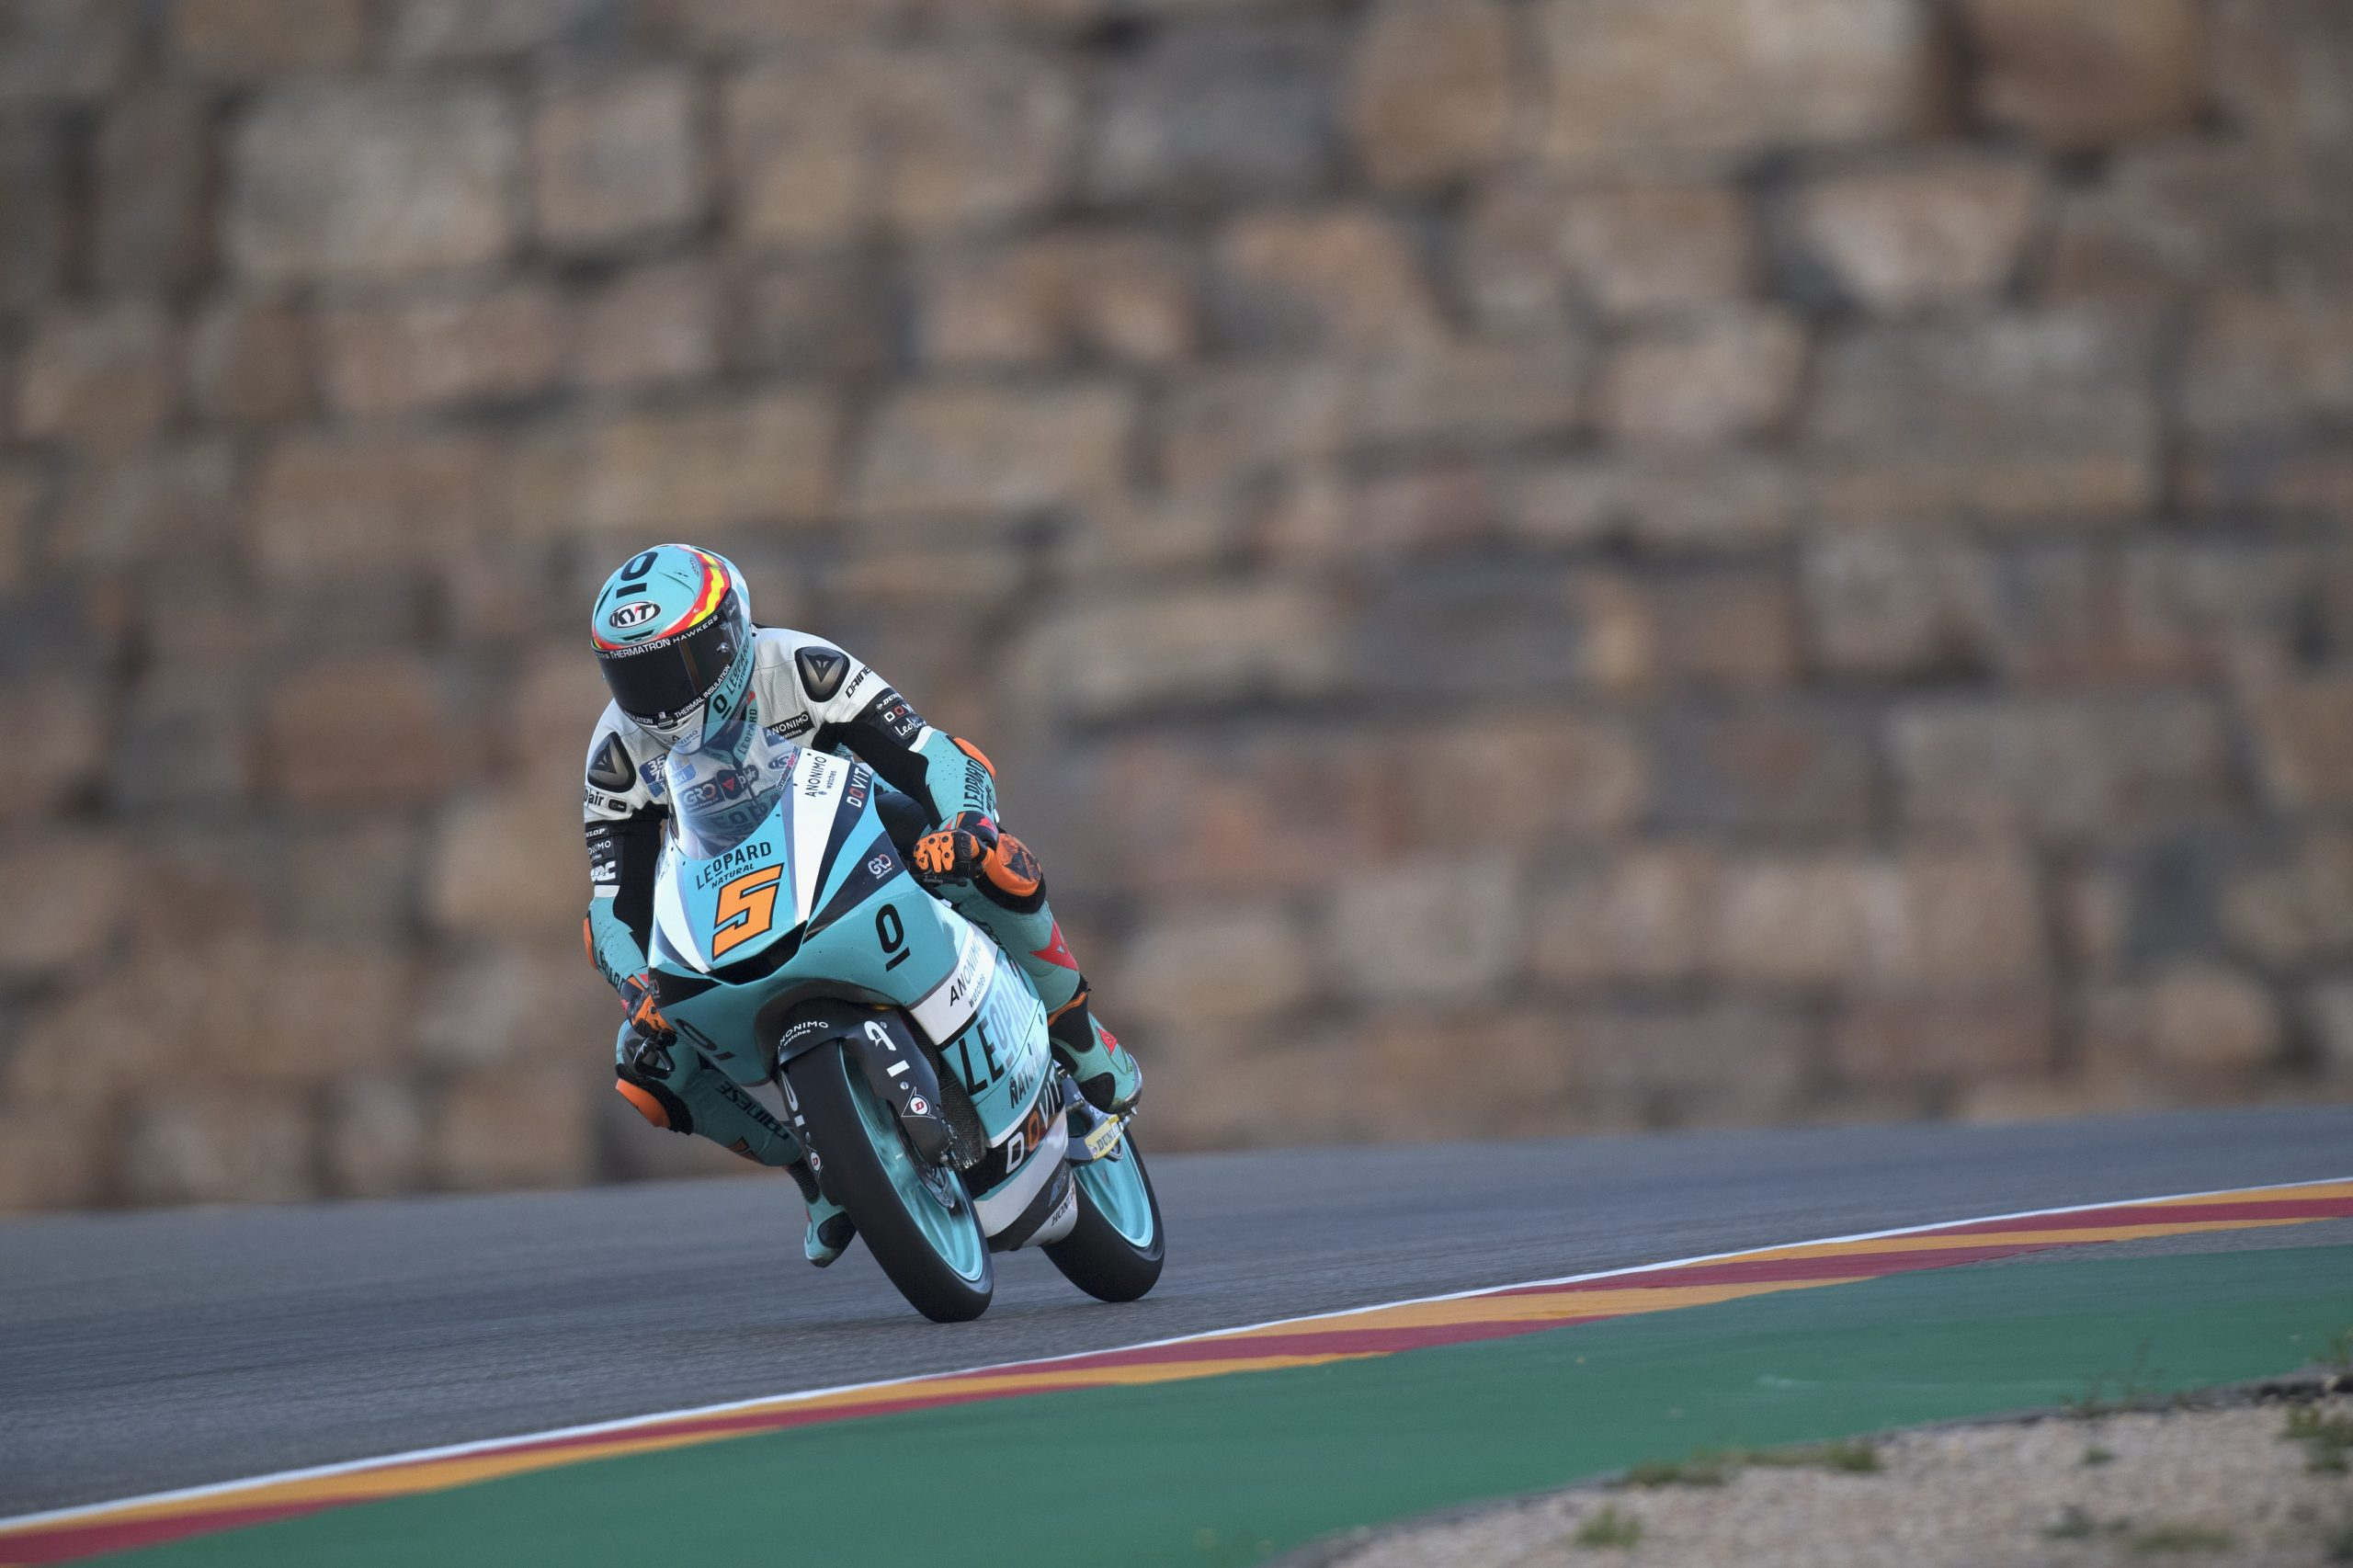 Jaume Masiá vuelve a ganar en Aragón y Raúl Fernández se estrena en el podio